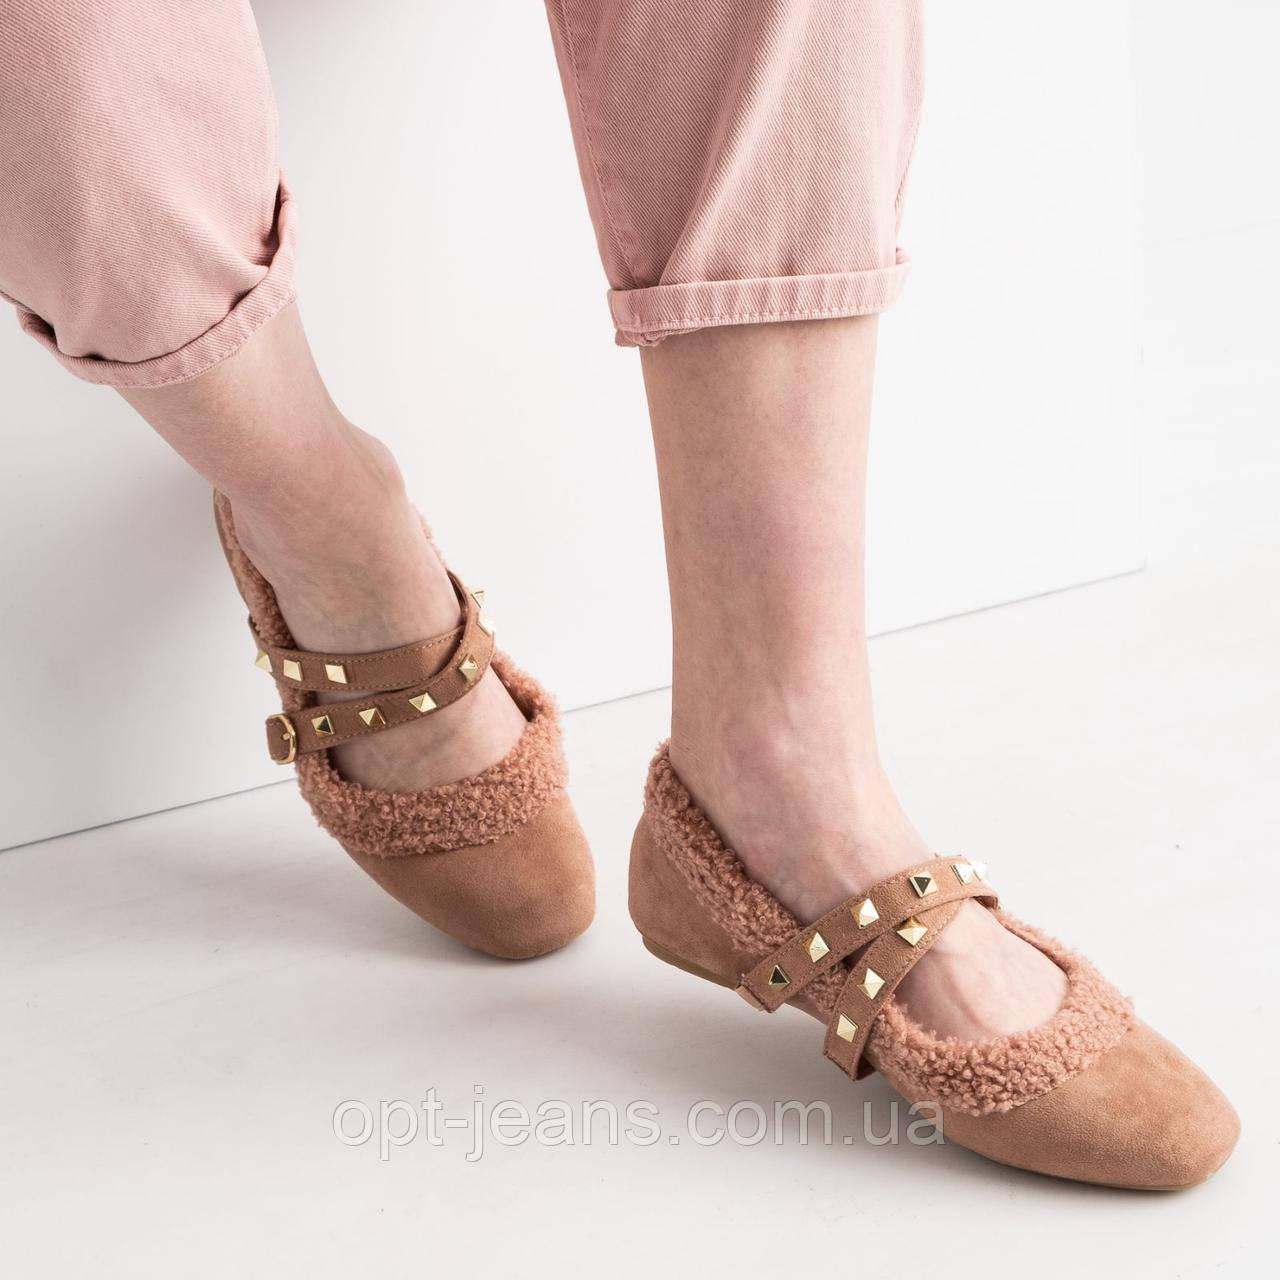 0155 Girnaive рожеві балетки замшеві (6 од. розміри: 36.37.38.39.40.41)